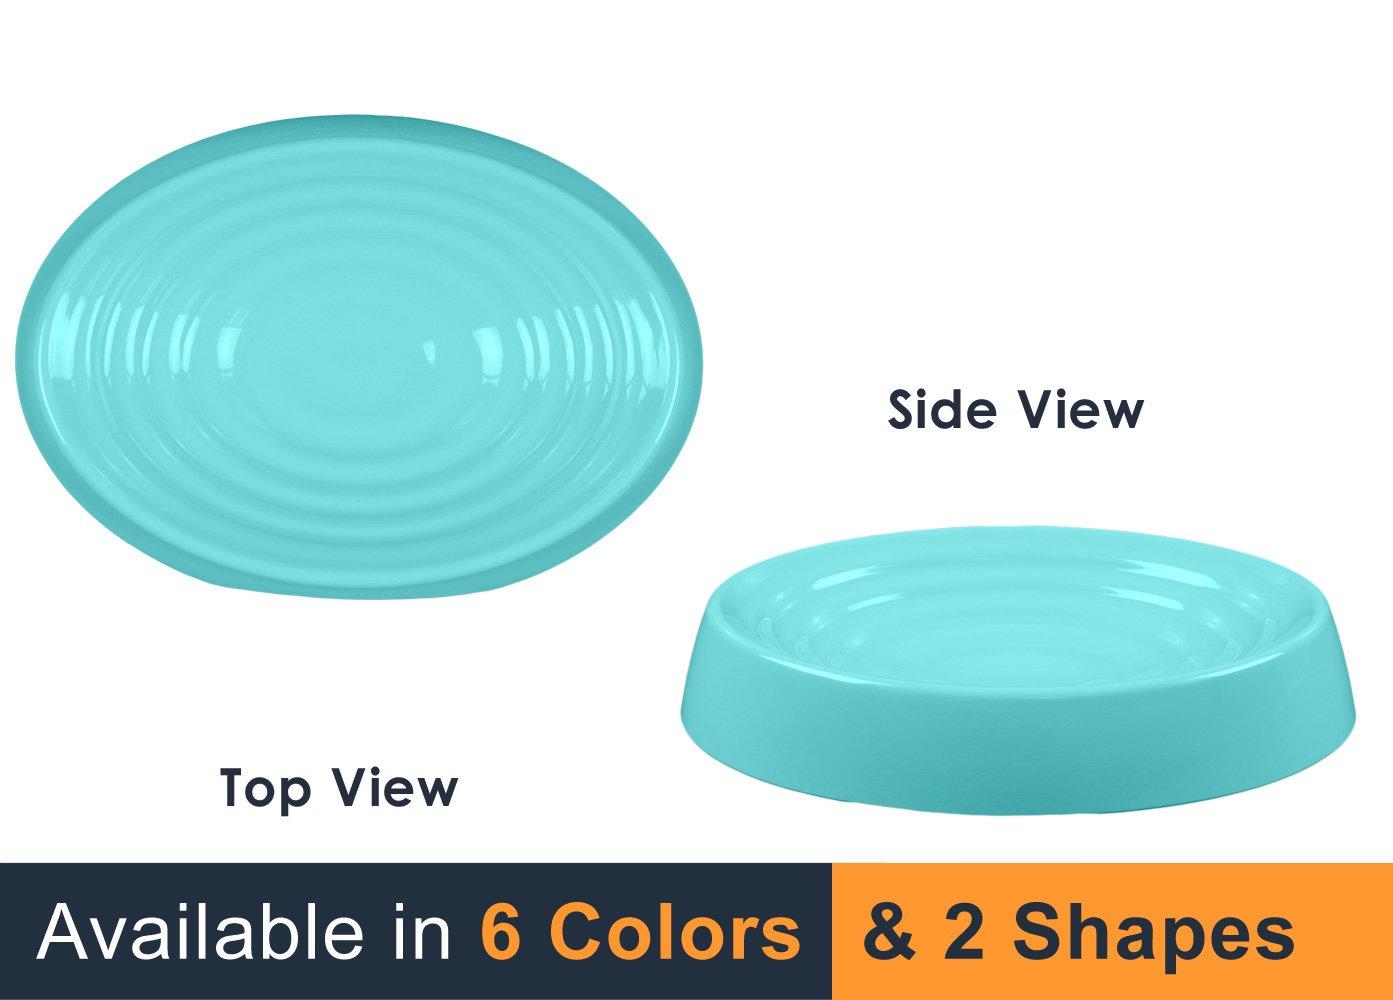 NEW! CatGuru Premium Cat Bowl - Non Slip Flat Cat Food Bowl - BPA Free - Shal...